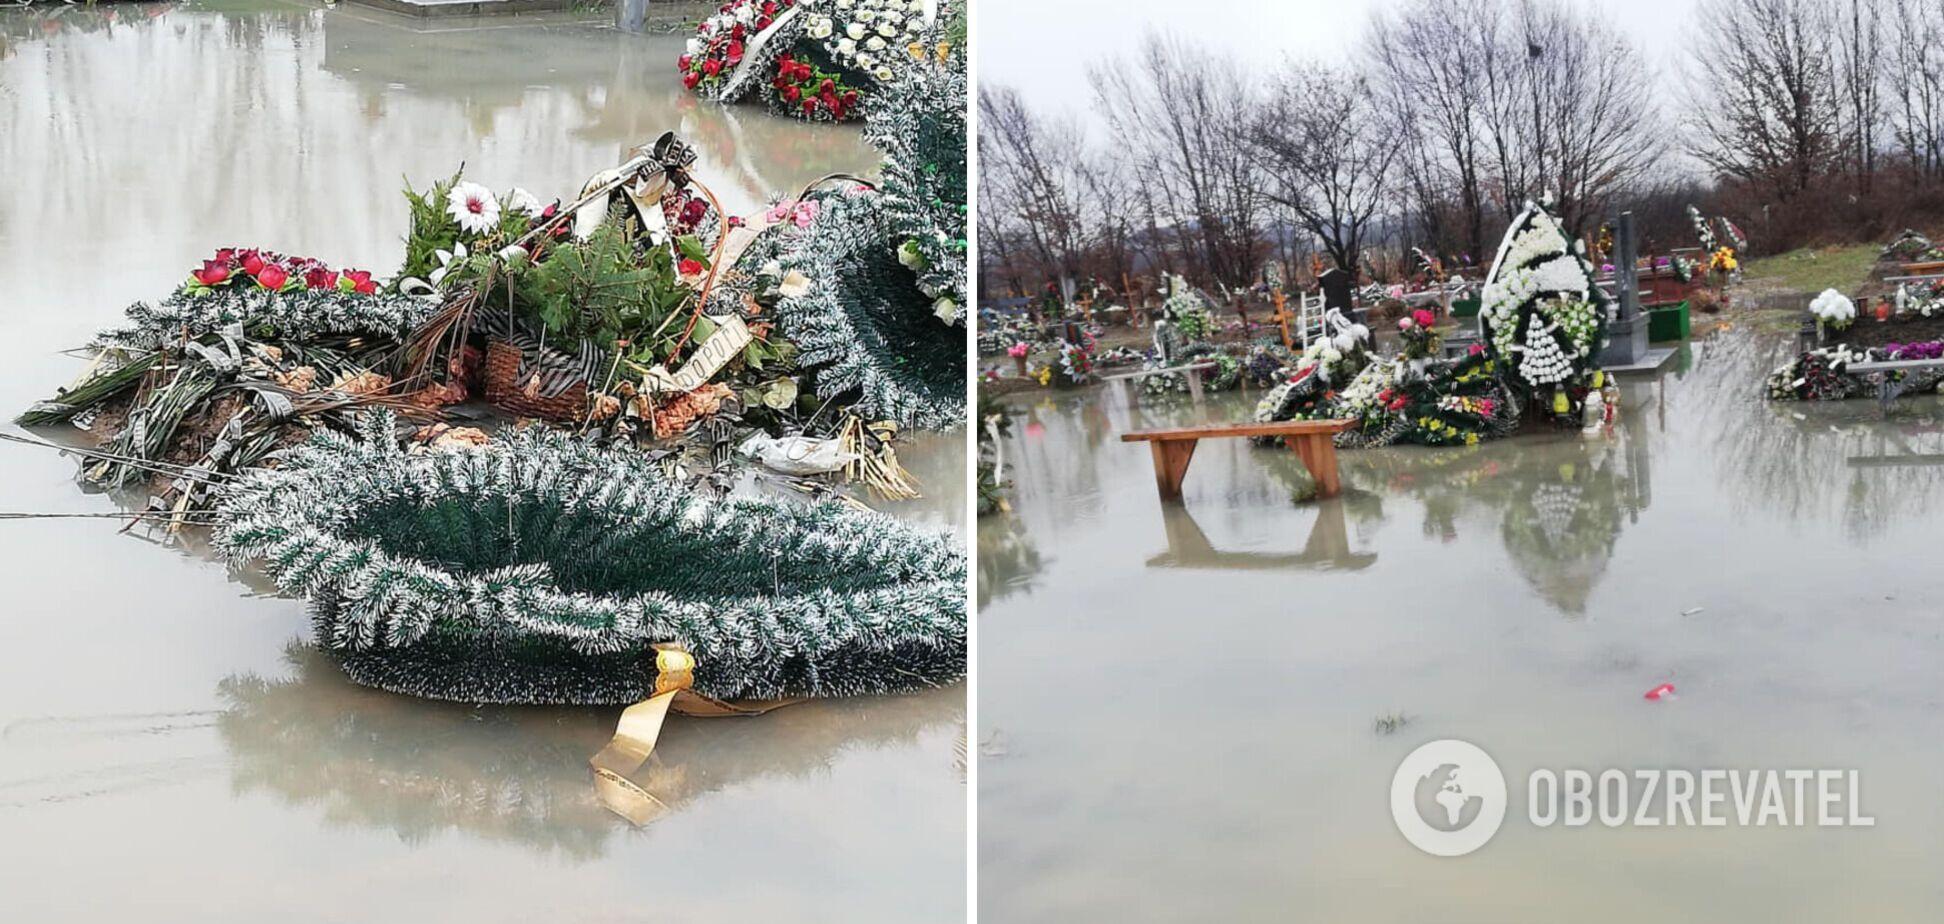 На Закарпатье затопило кладбище: свежие могилы 'поплыли'. Фото и видео